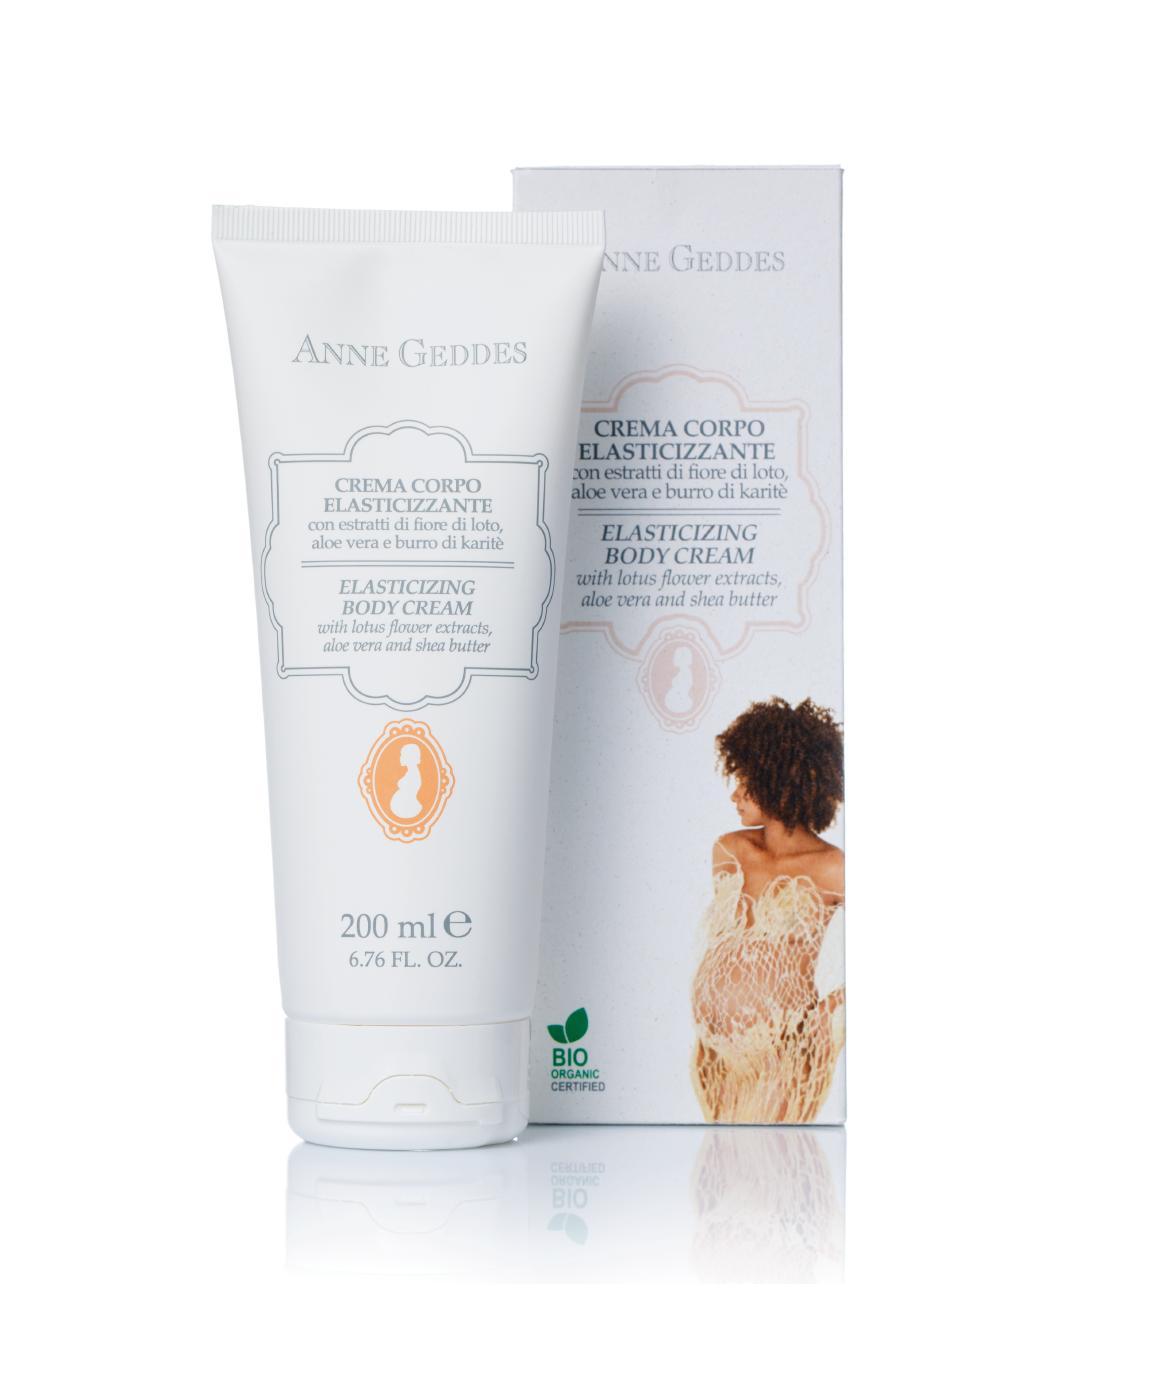 Kem hữu cơ làm mềm da toàn thân trước và sau sinh 200ml - Anne Geddes